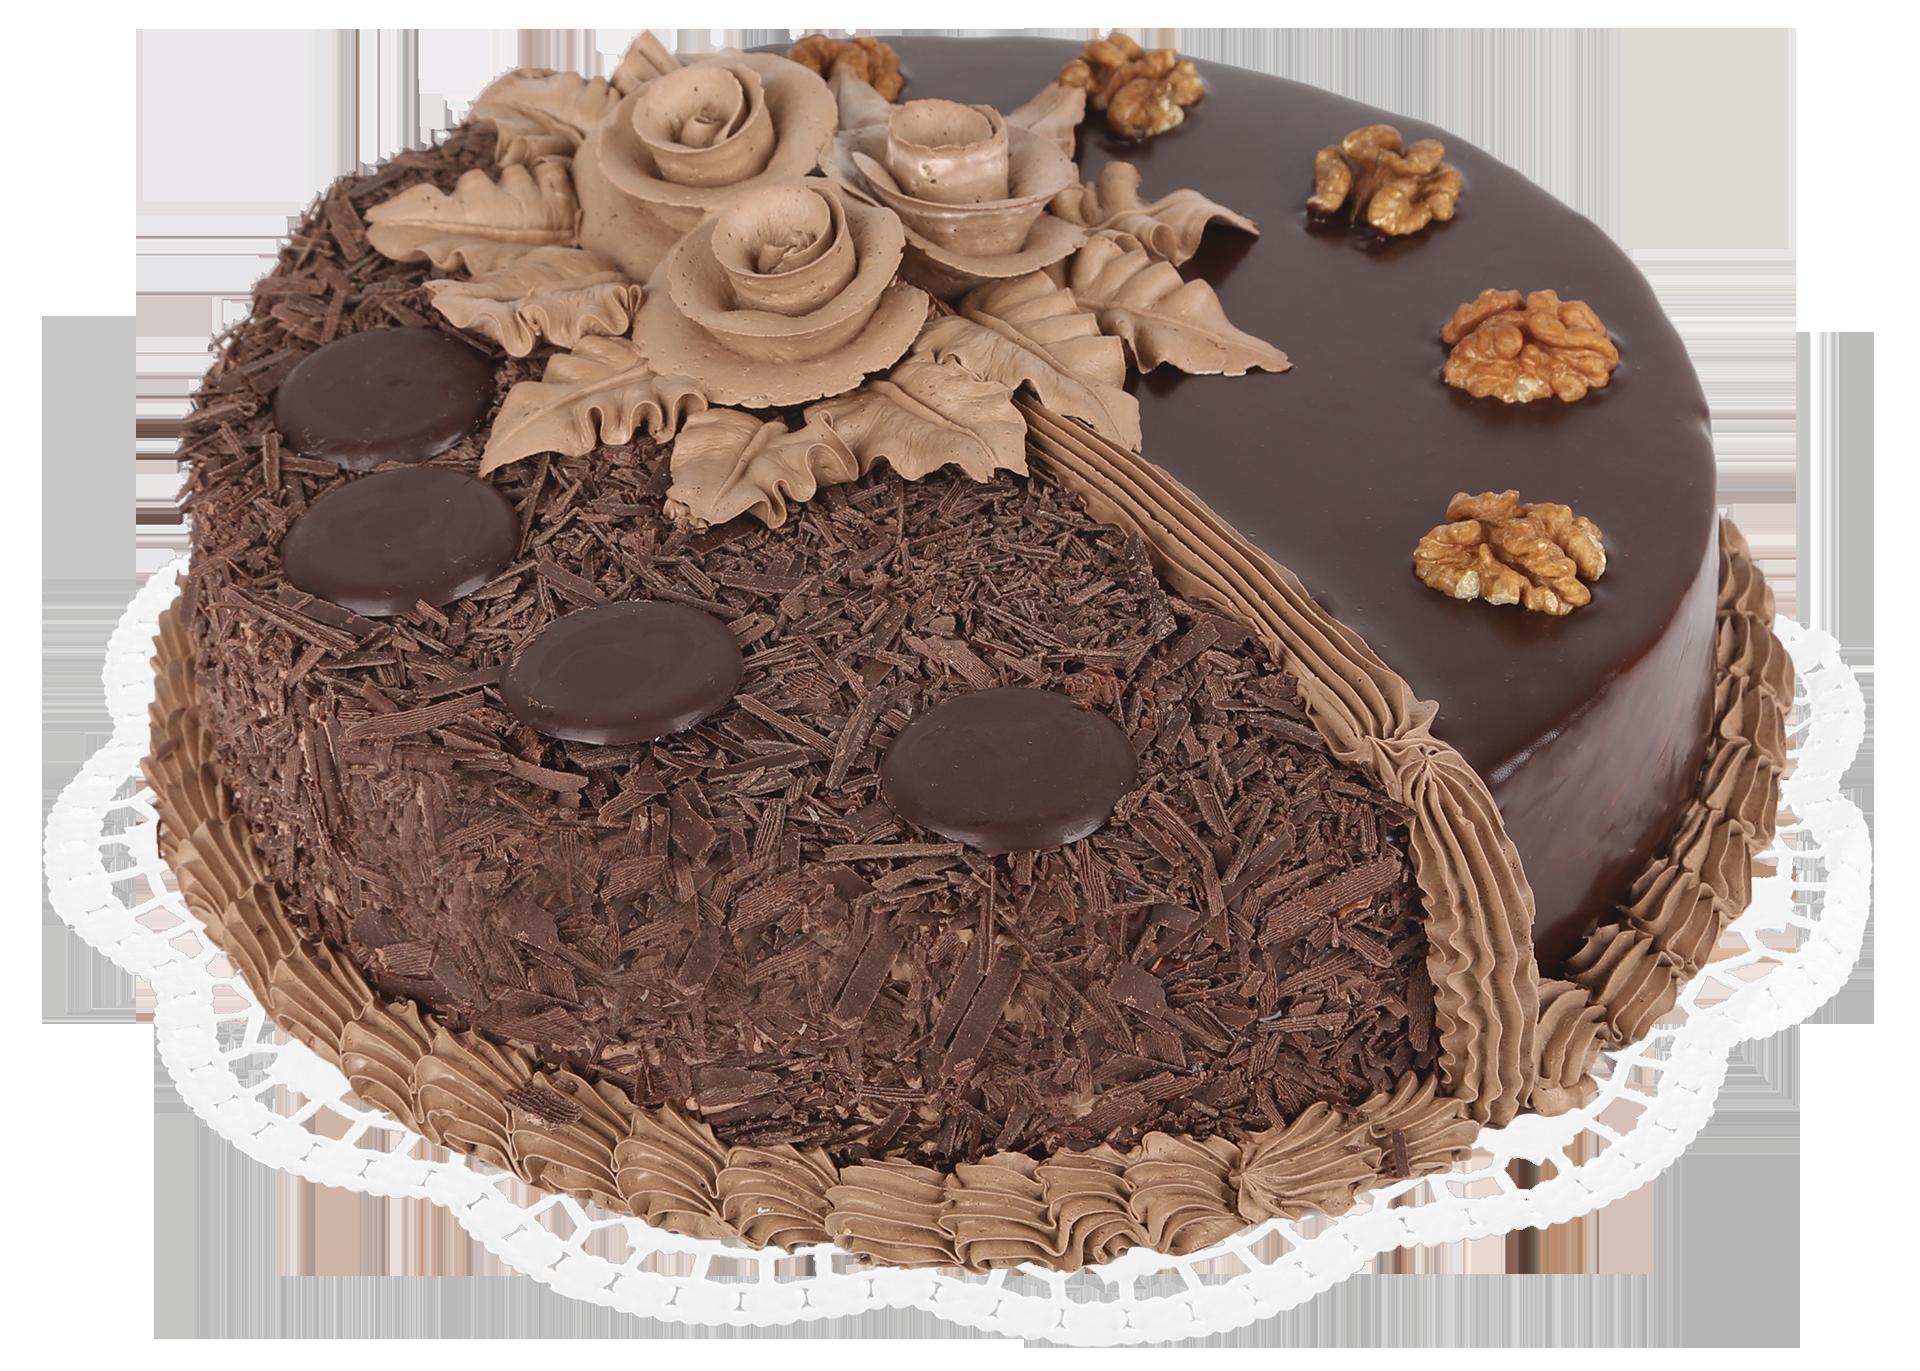 Cake Free Download